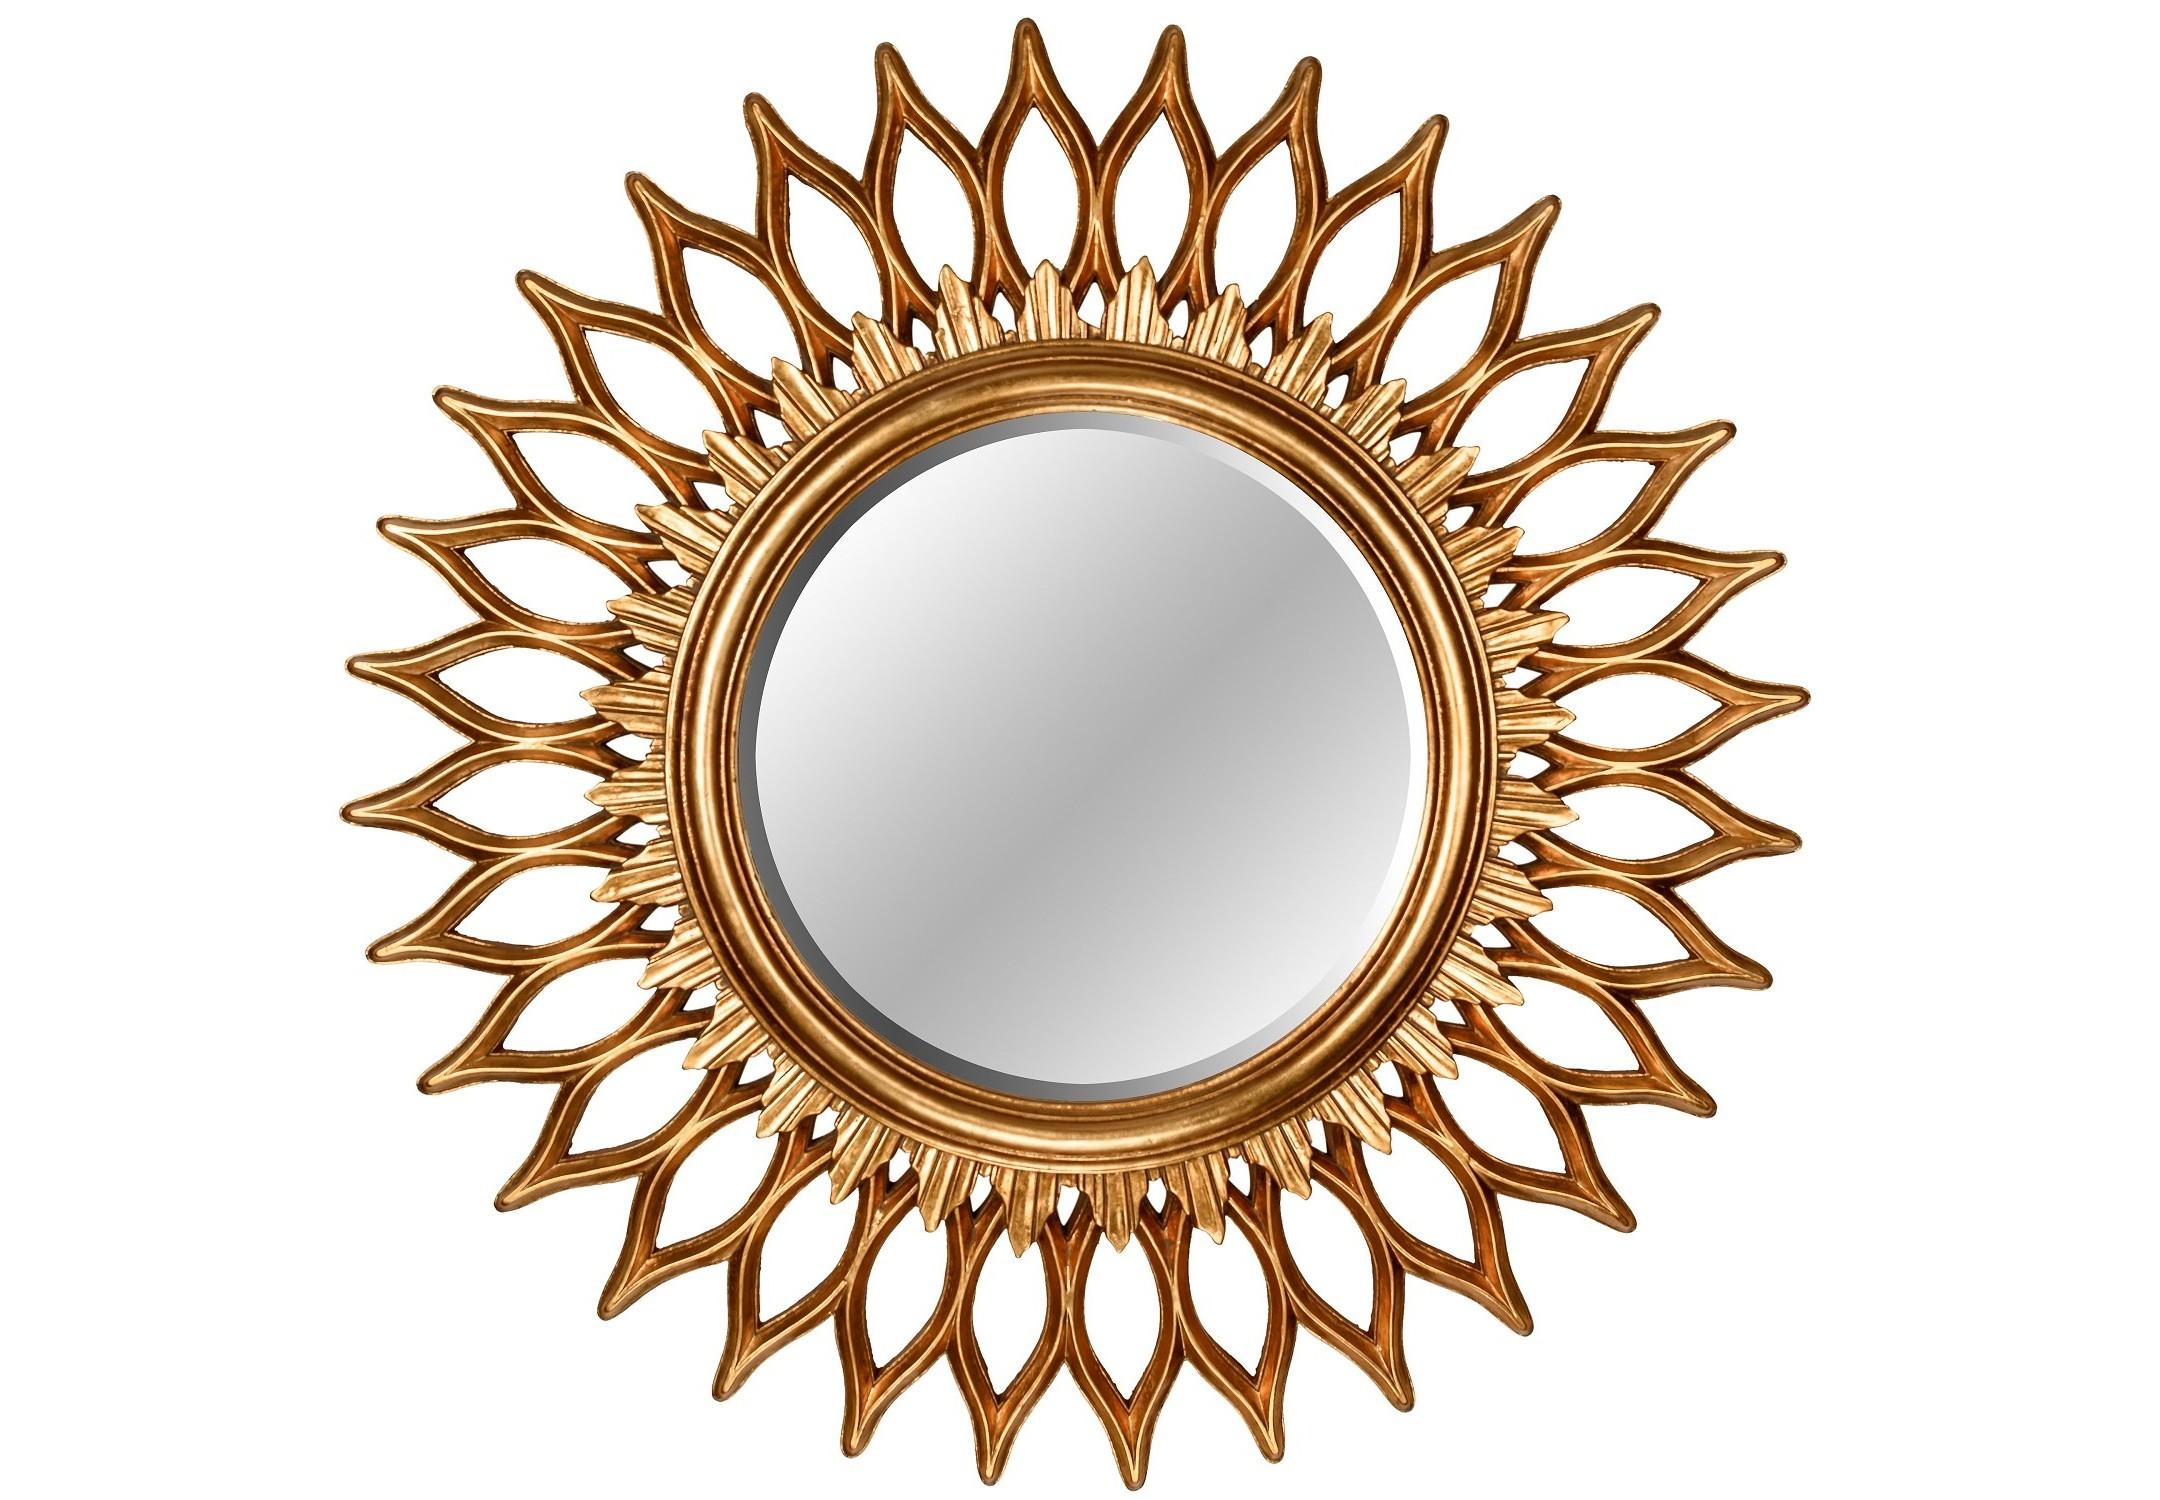 Зеркало GoldStarНастенные зеркала<br><br><br>Material: Полирезин<br>Depth см: 4<br>Diameter см: 90